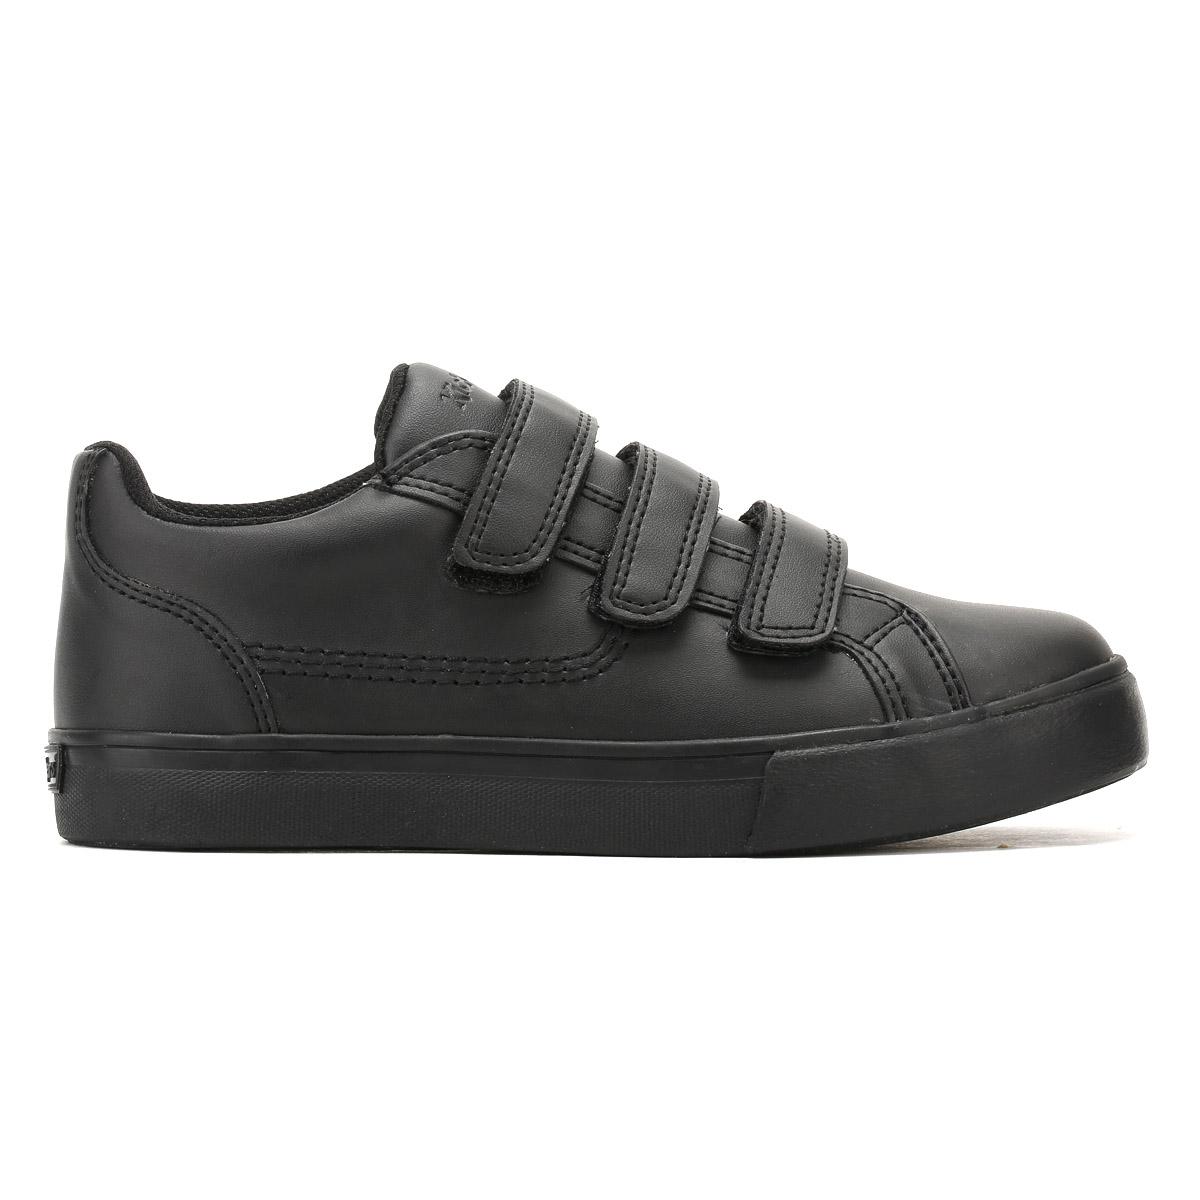 Kickers Junior Negro Cuero tovni viaje Zapatillas Niños Deporte Informal Zapatos